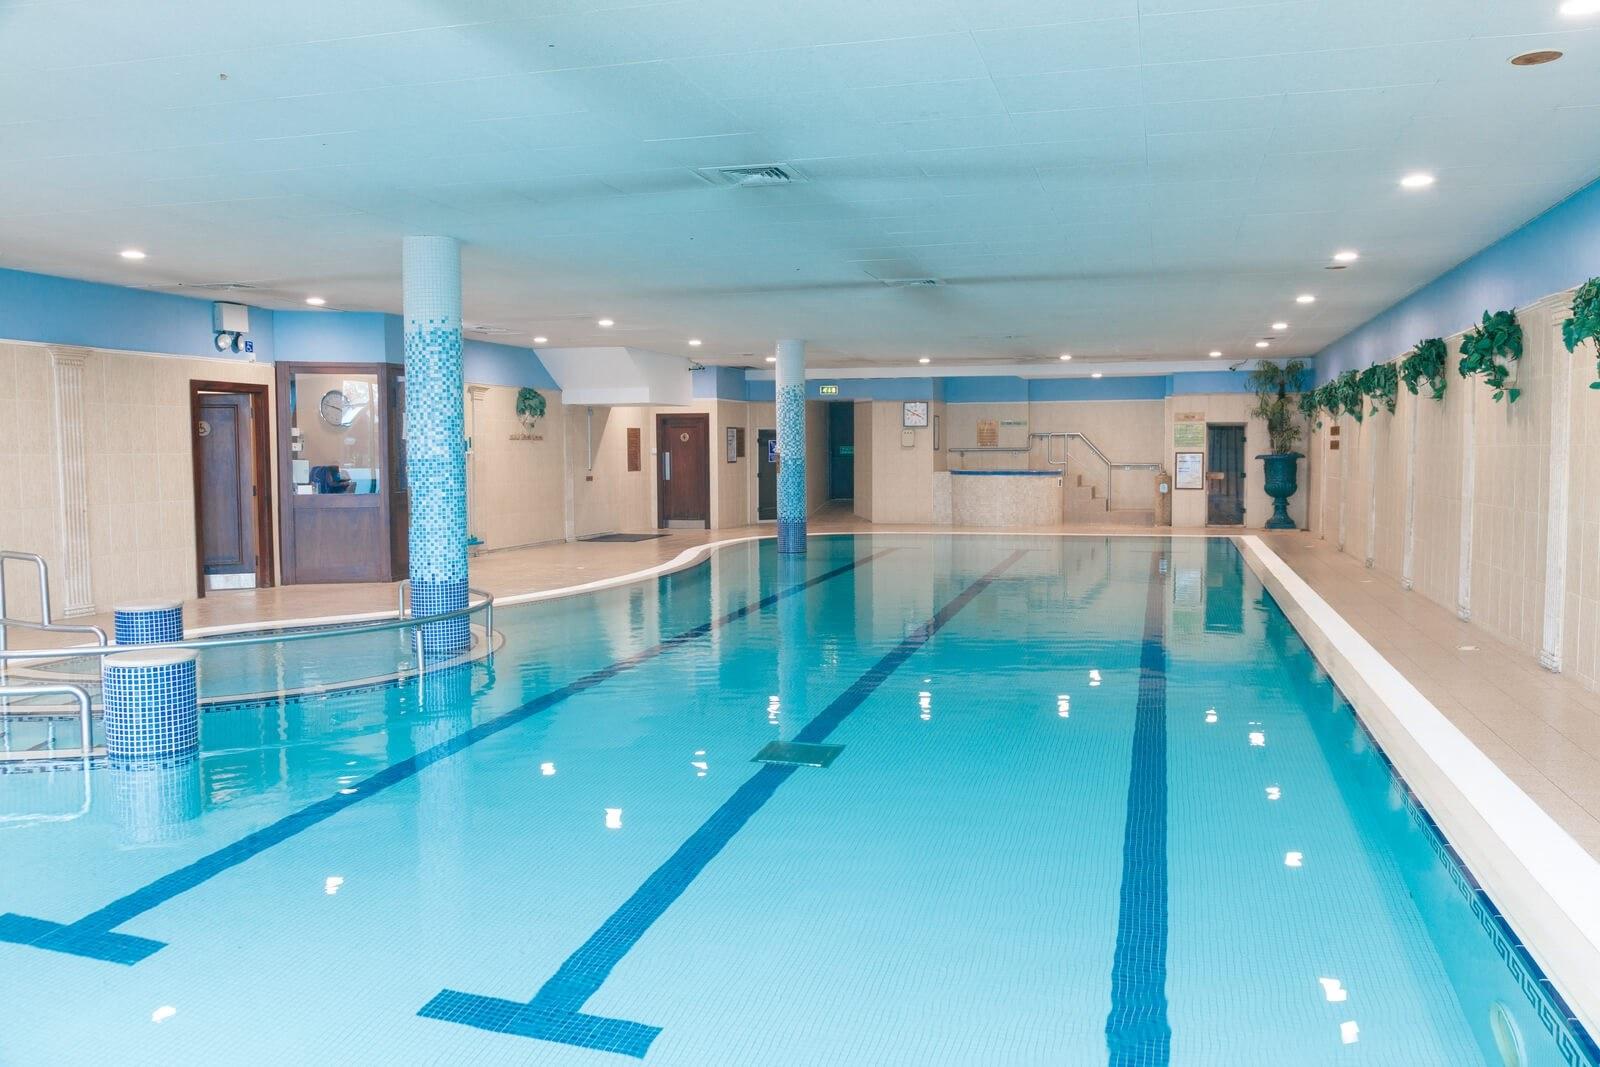 Hibernian hotel swimming pool